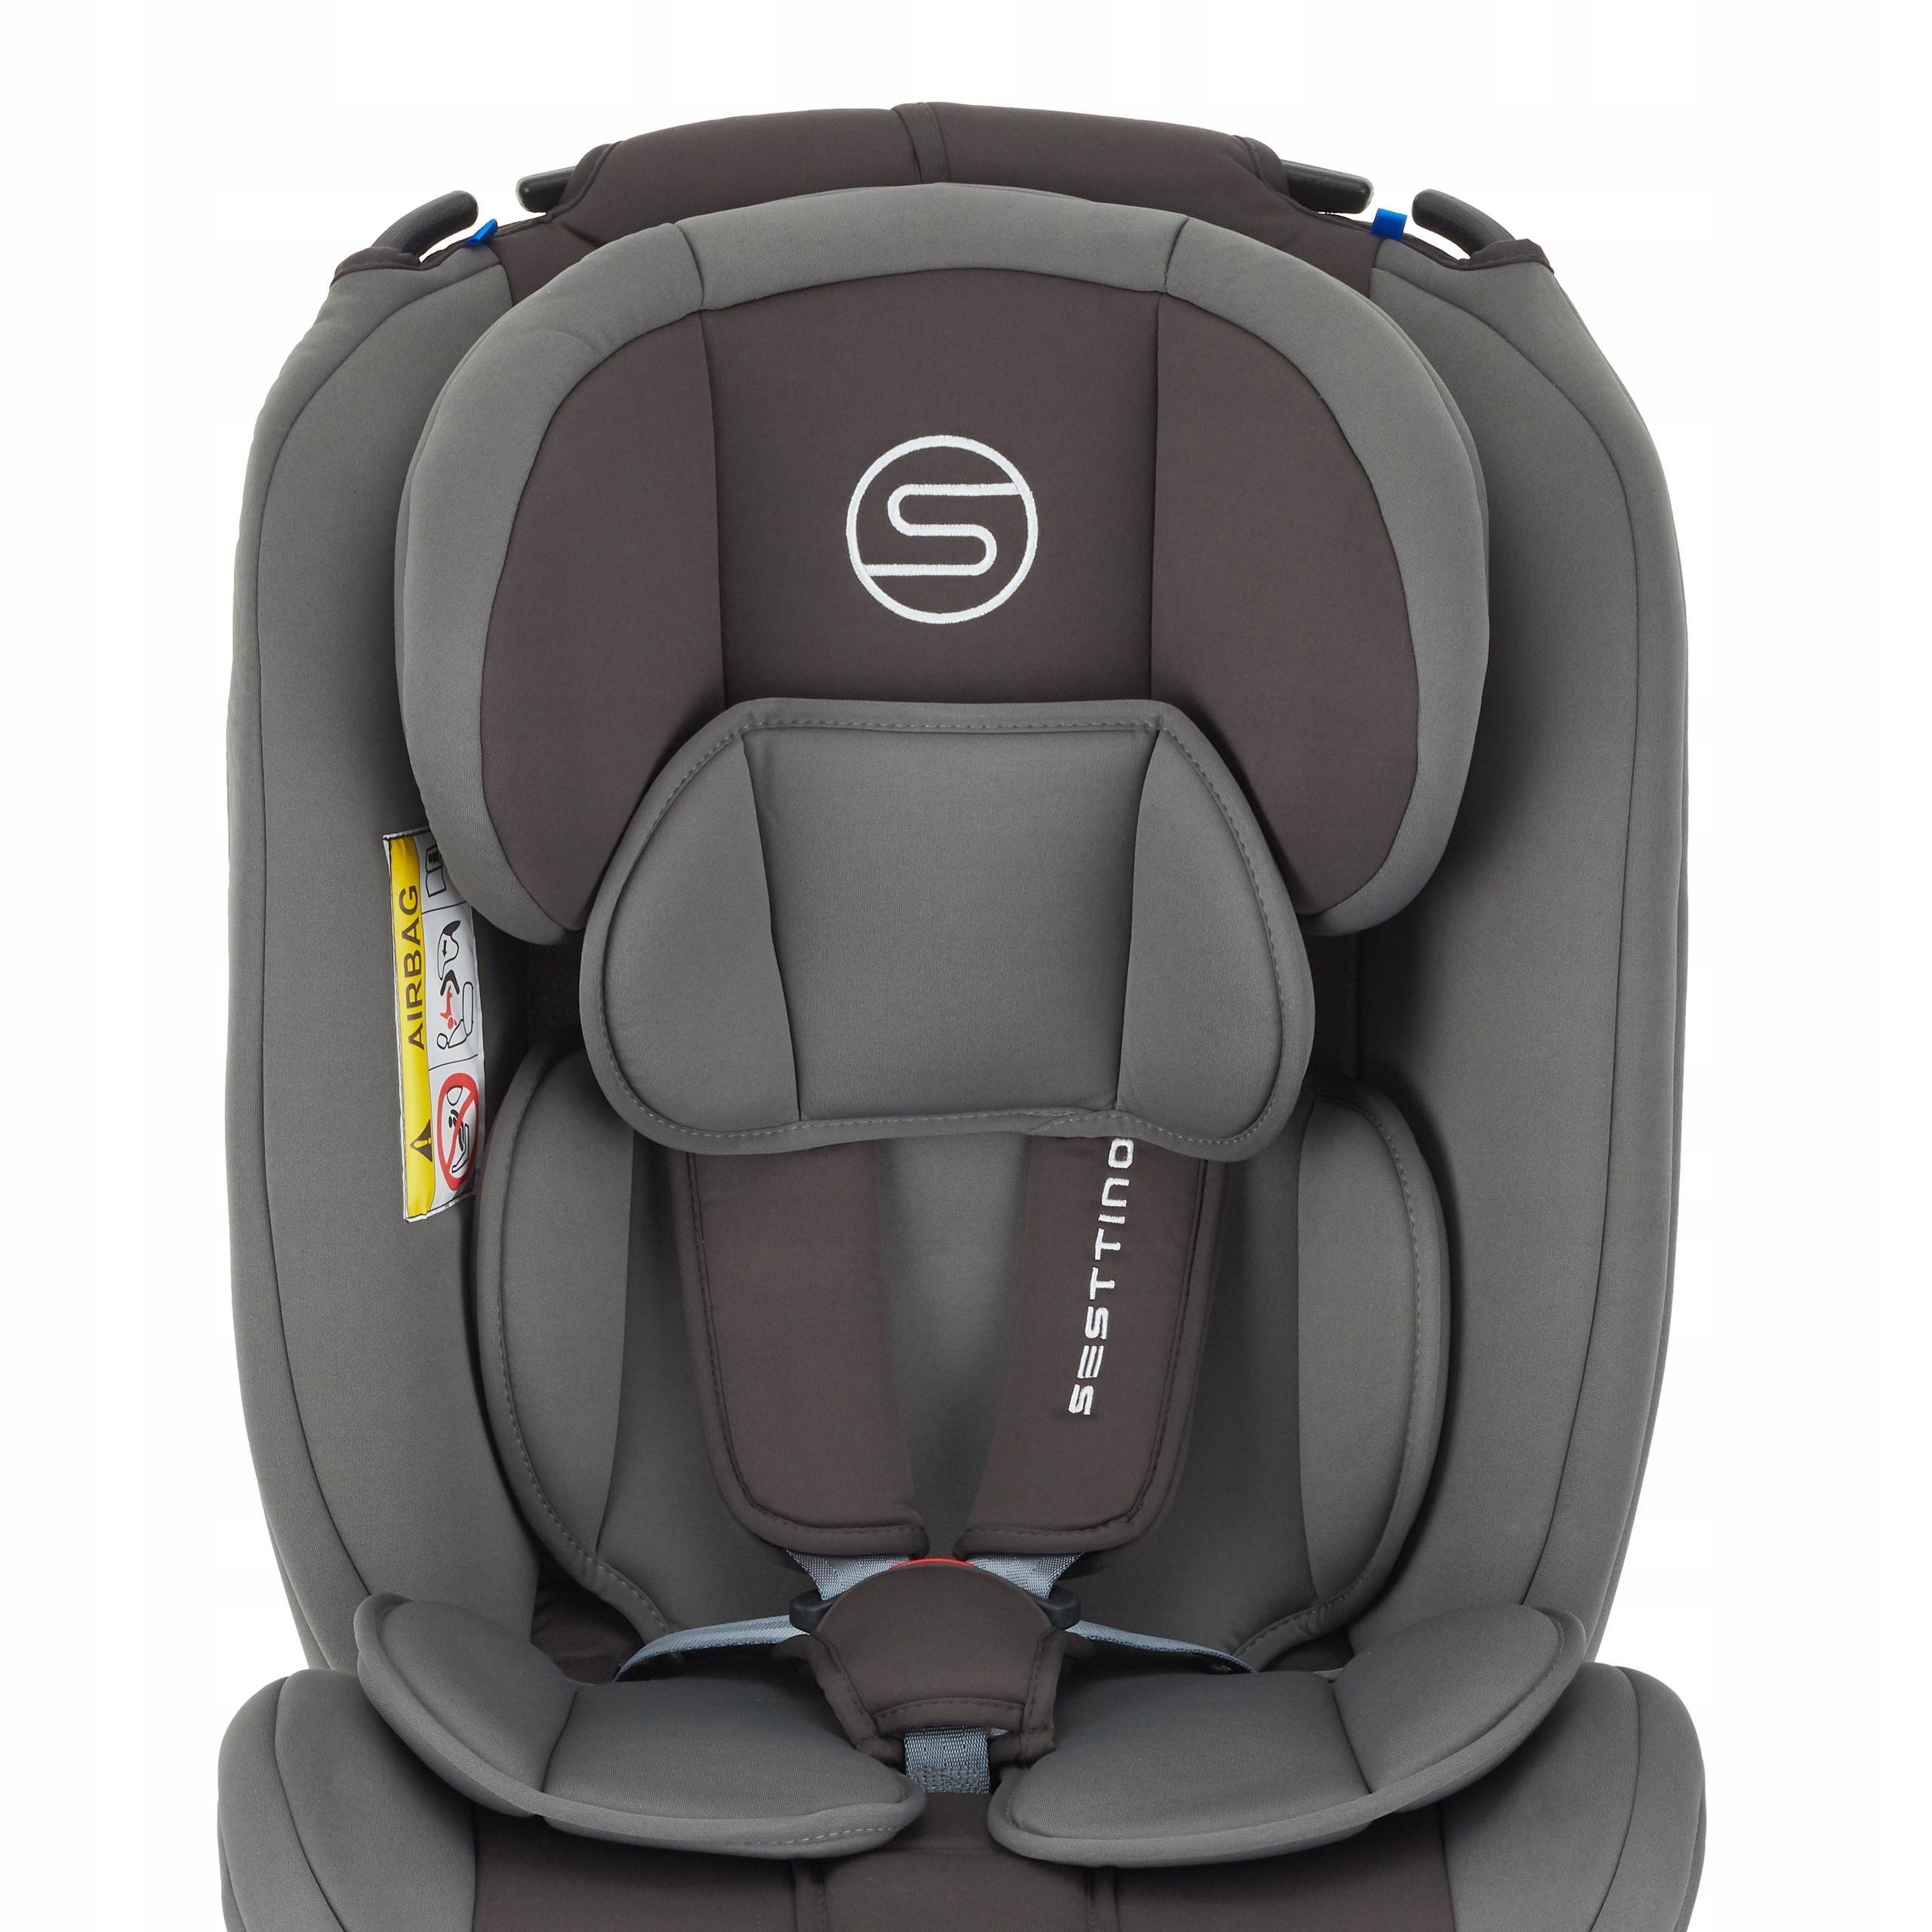 Fotelik samochodowy Sesttino Secure PRO 0-36kg Sposób montażu samochodowy pas bezpieczeństwa